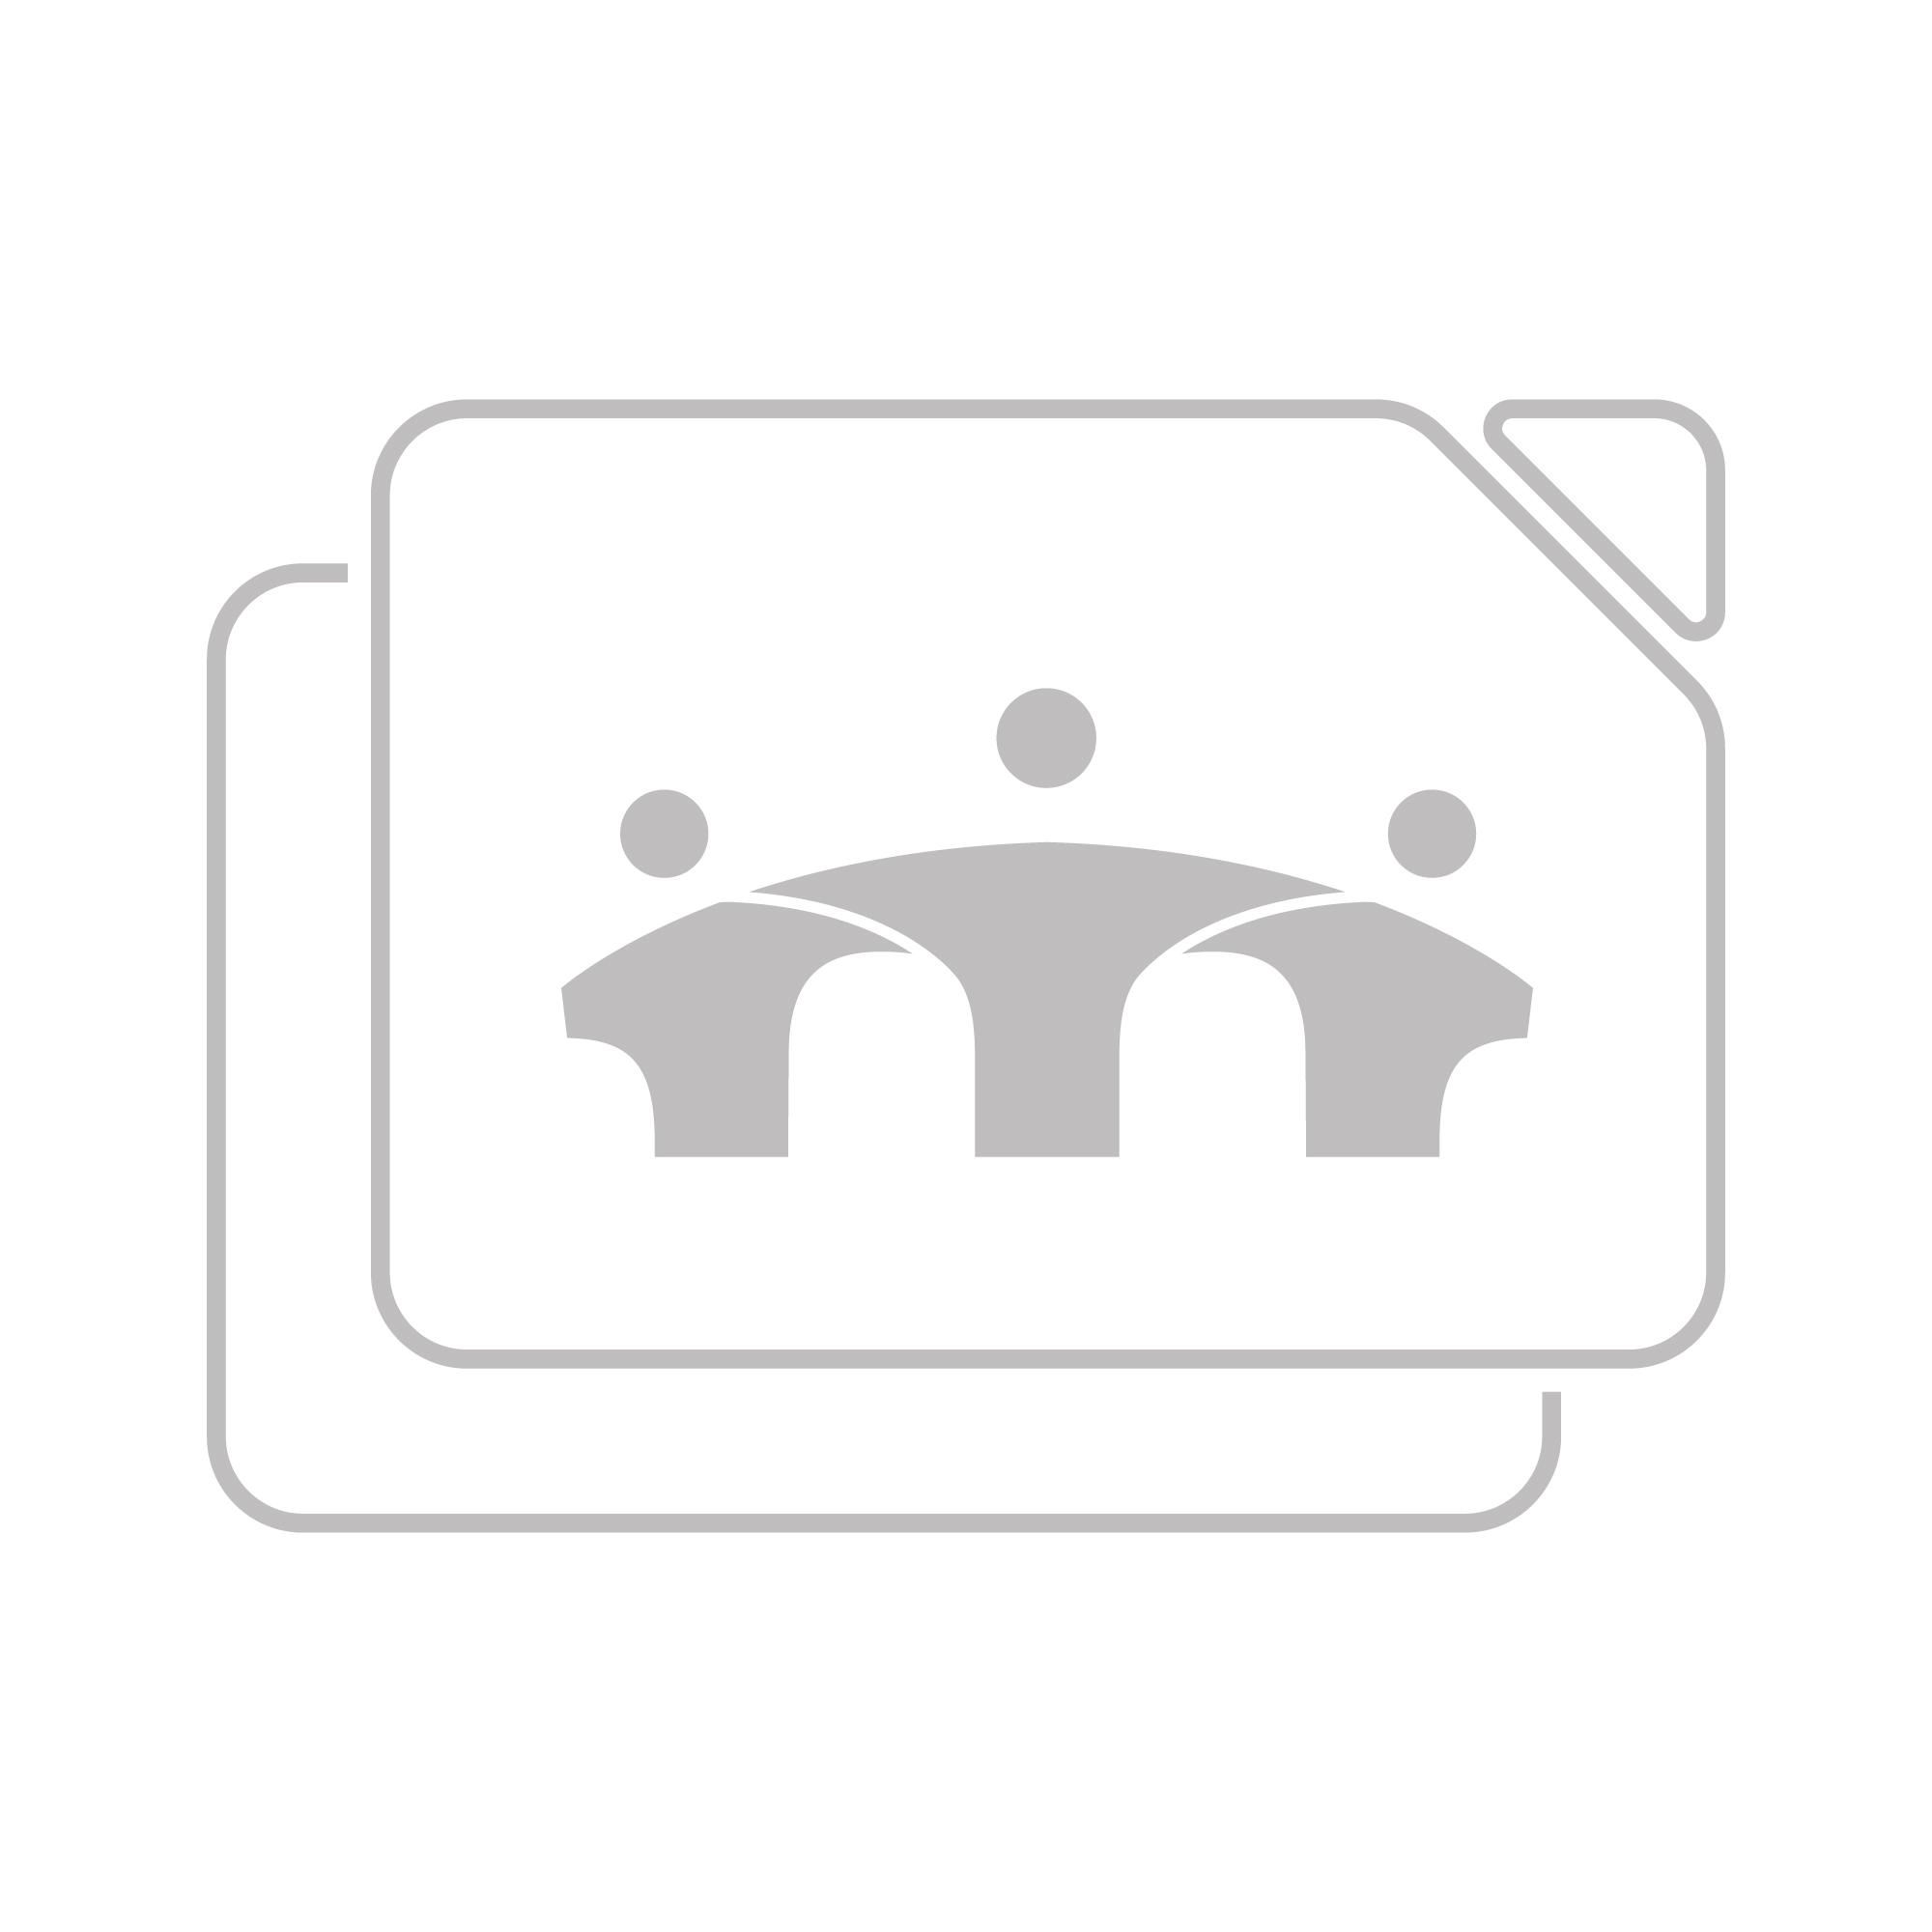 iStorage datAshur Pro2 16GB